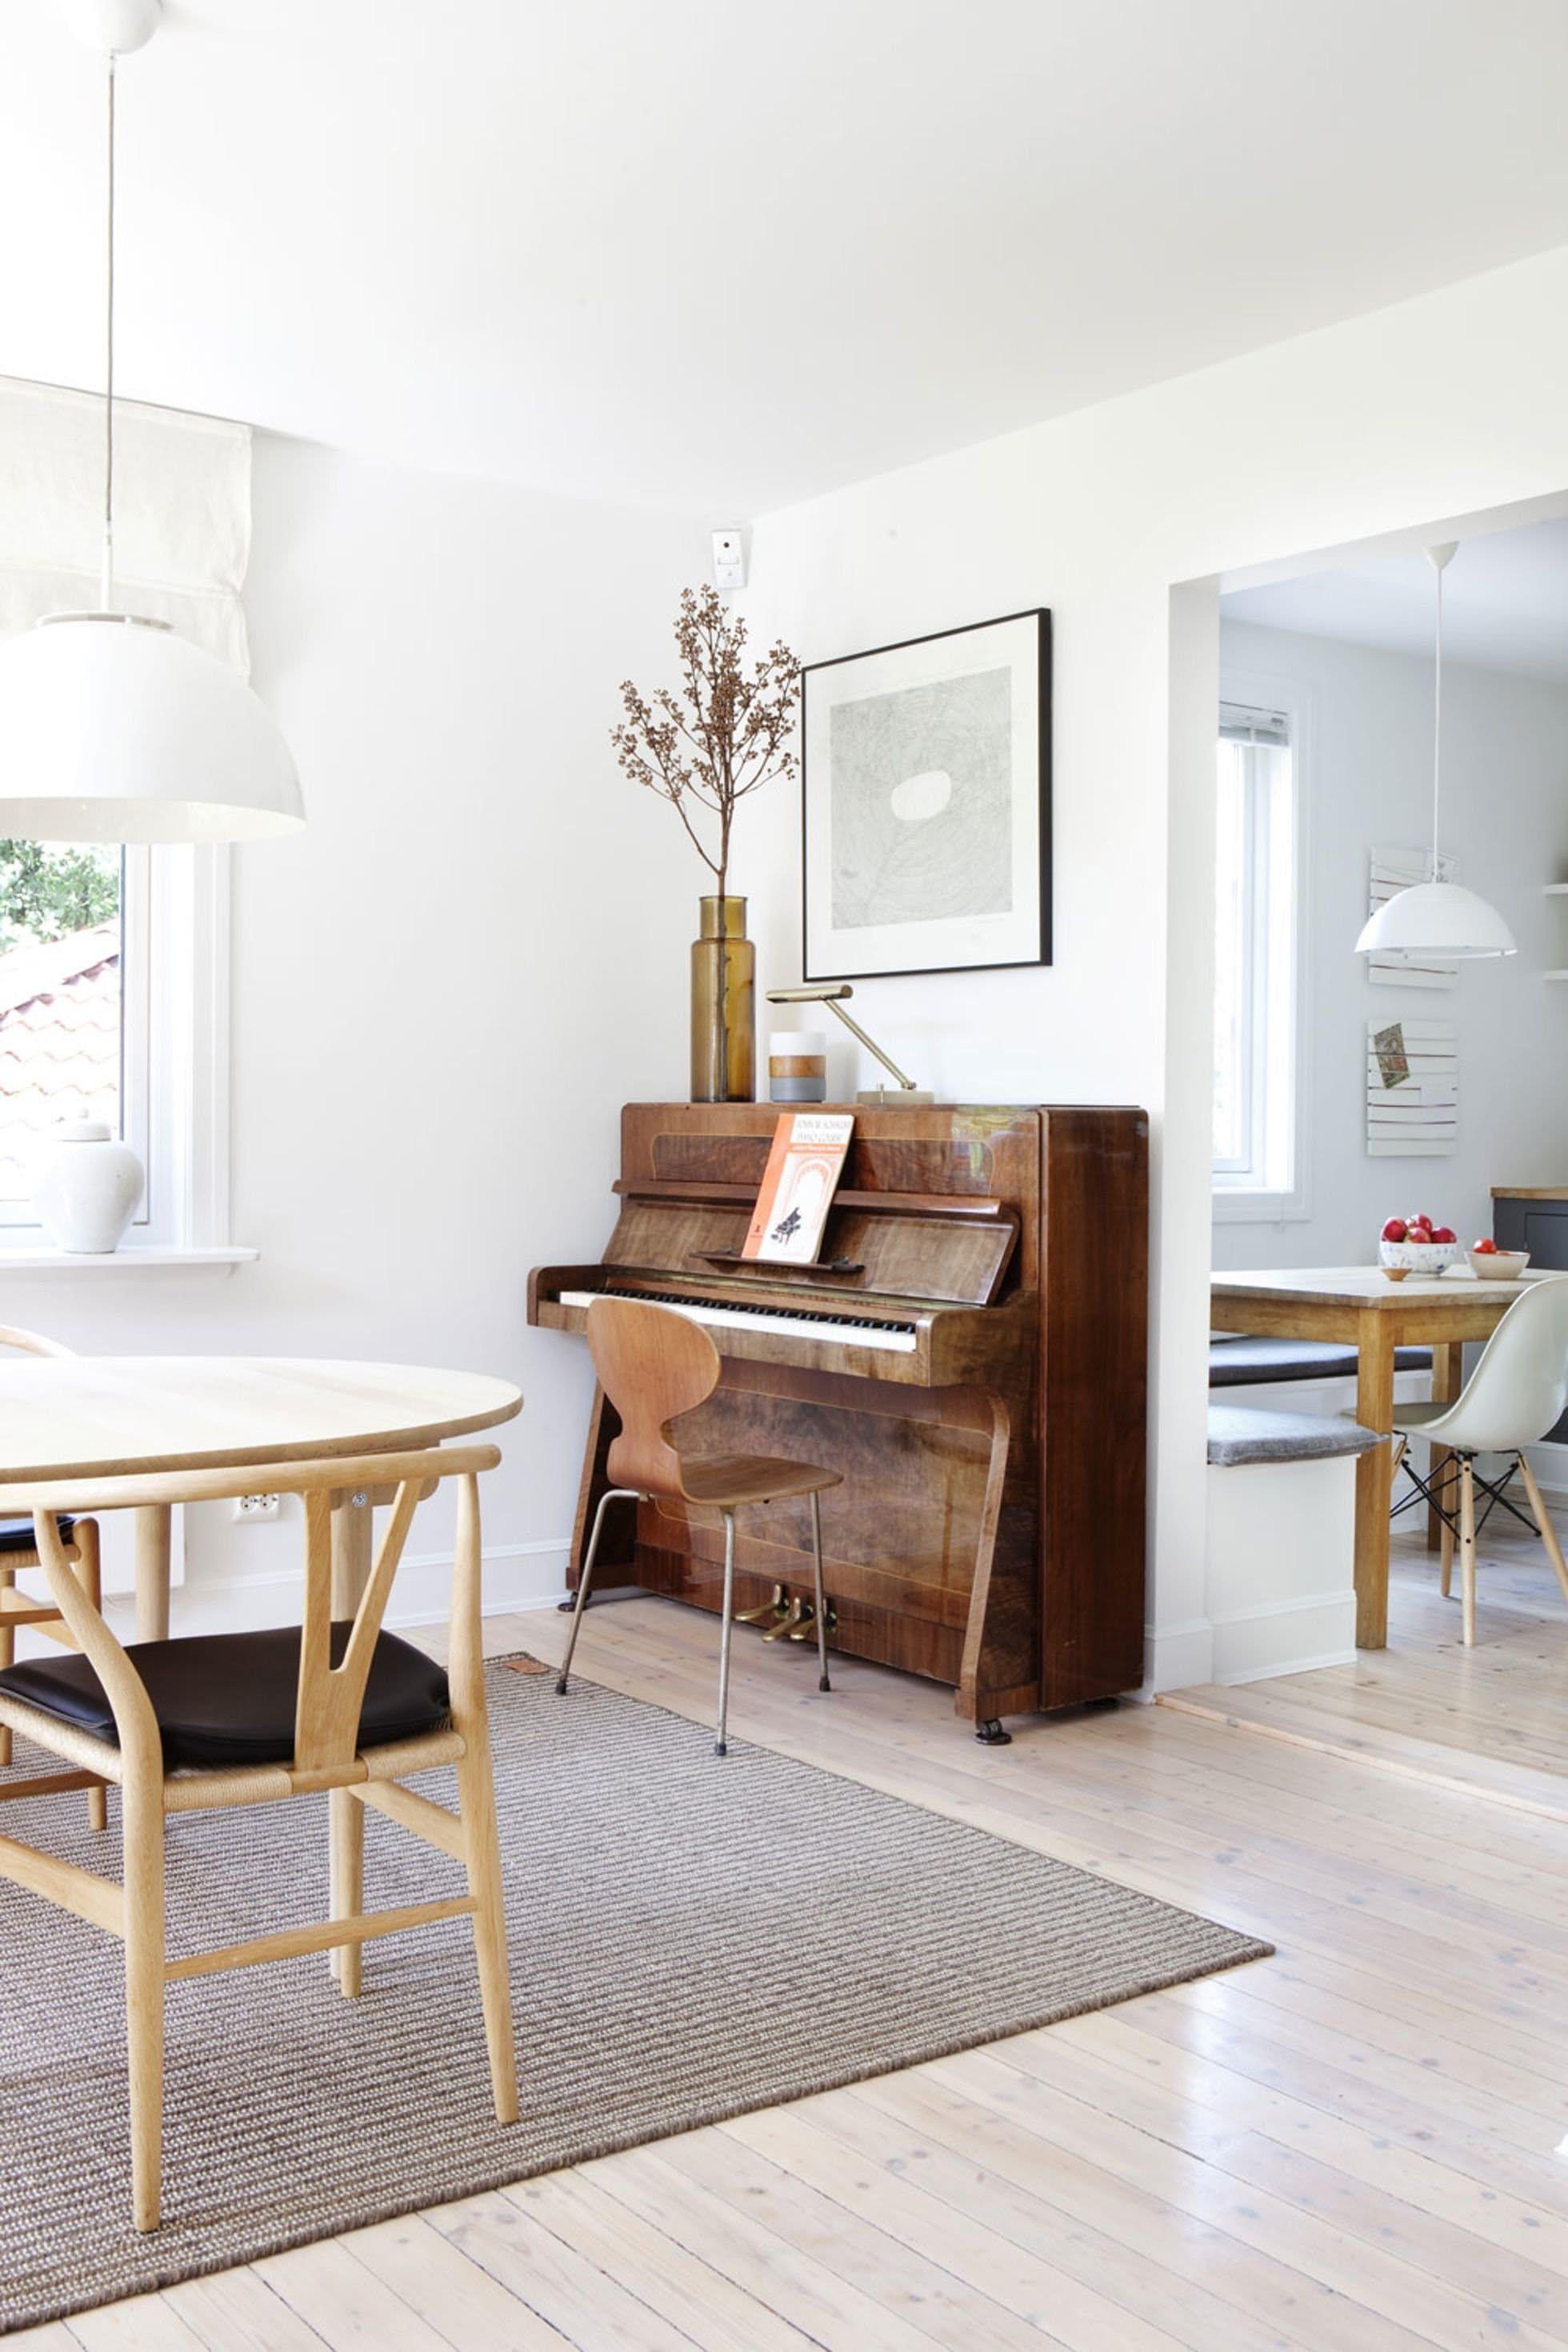 13 Ways to Decorate Around a Piano | Wohnbereich, Wohnzimmer ideen ...